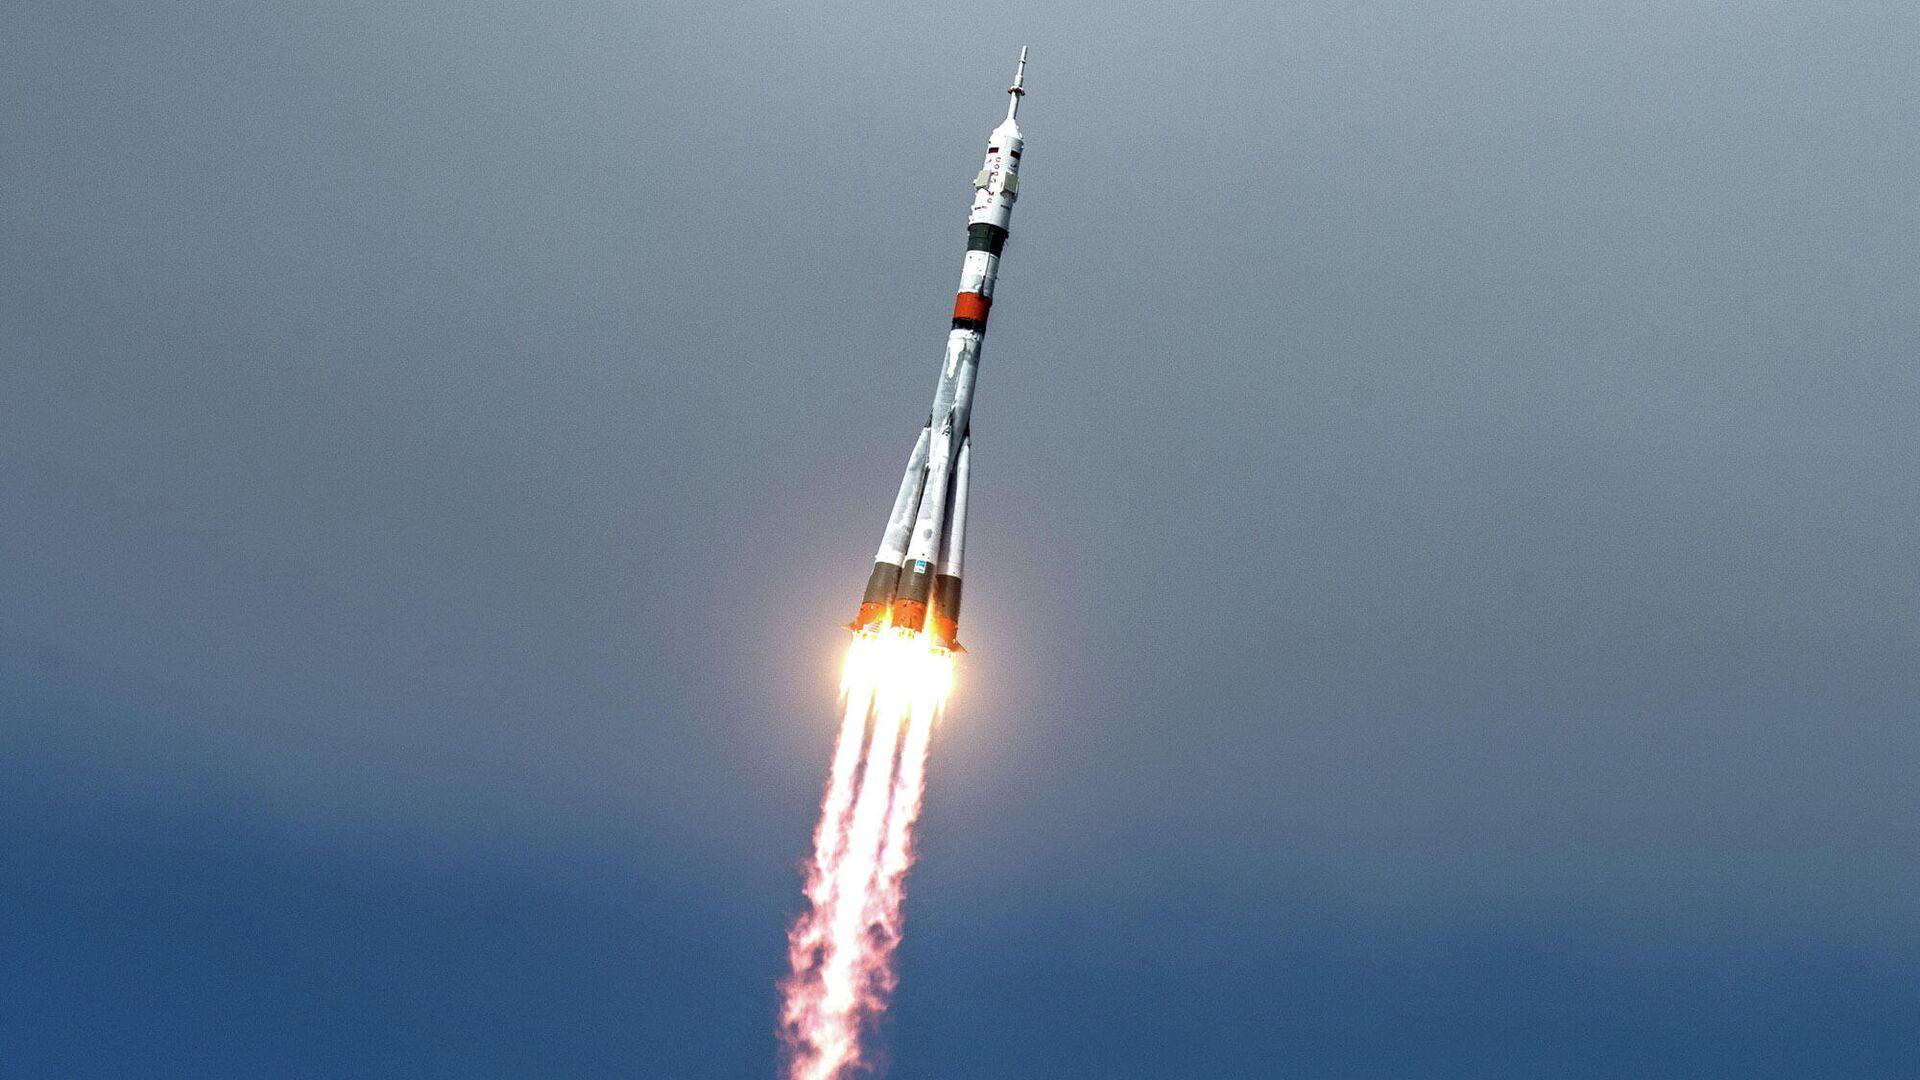 Старт ракеты-носителя Союз-2.1а с пилотируемым кораблем Союз МС-16 - РИА Новости, 1920, 01.10.2020